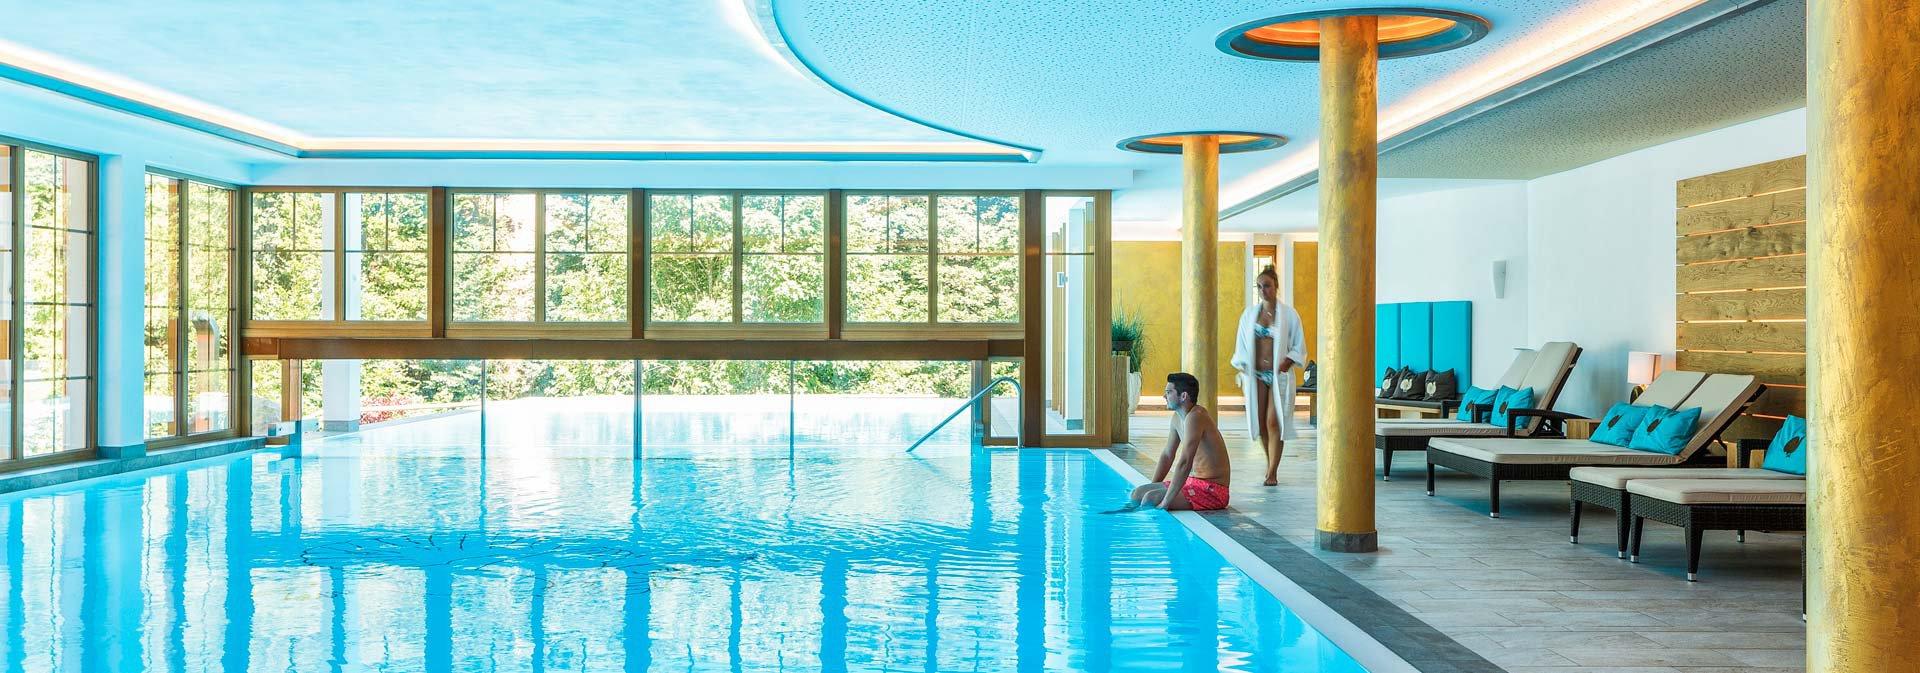 H tel 4 avec sauna en for t noire h tel forsthaus auerhahn for Hotel avec piscine foret noire